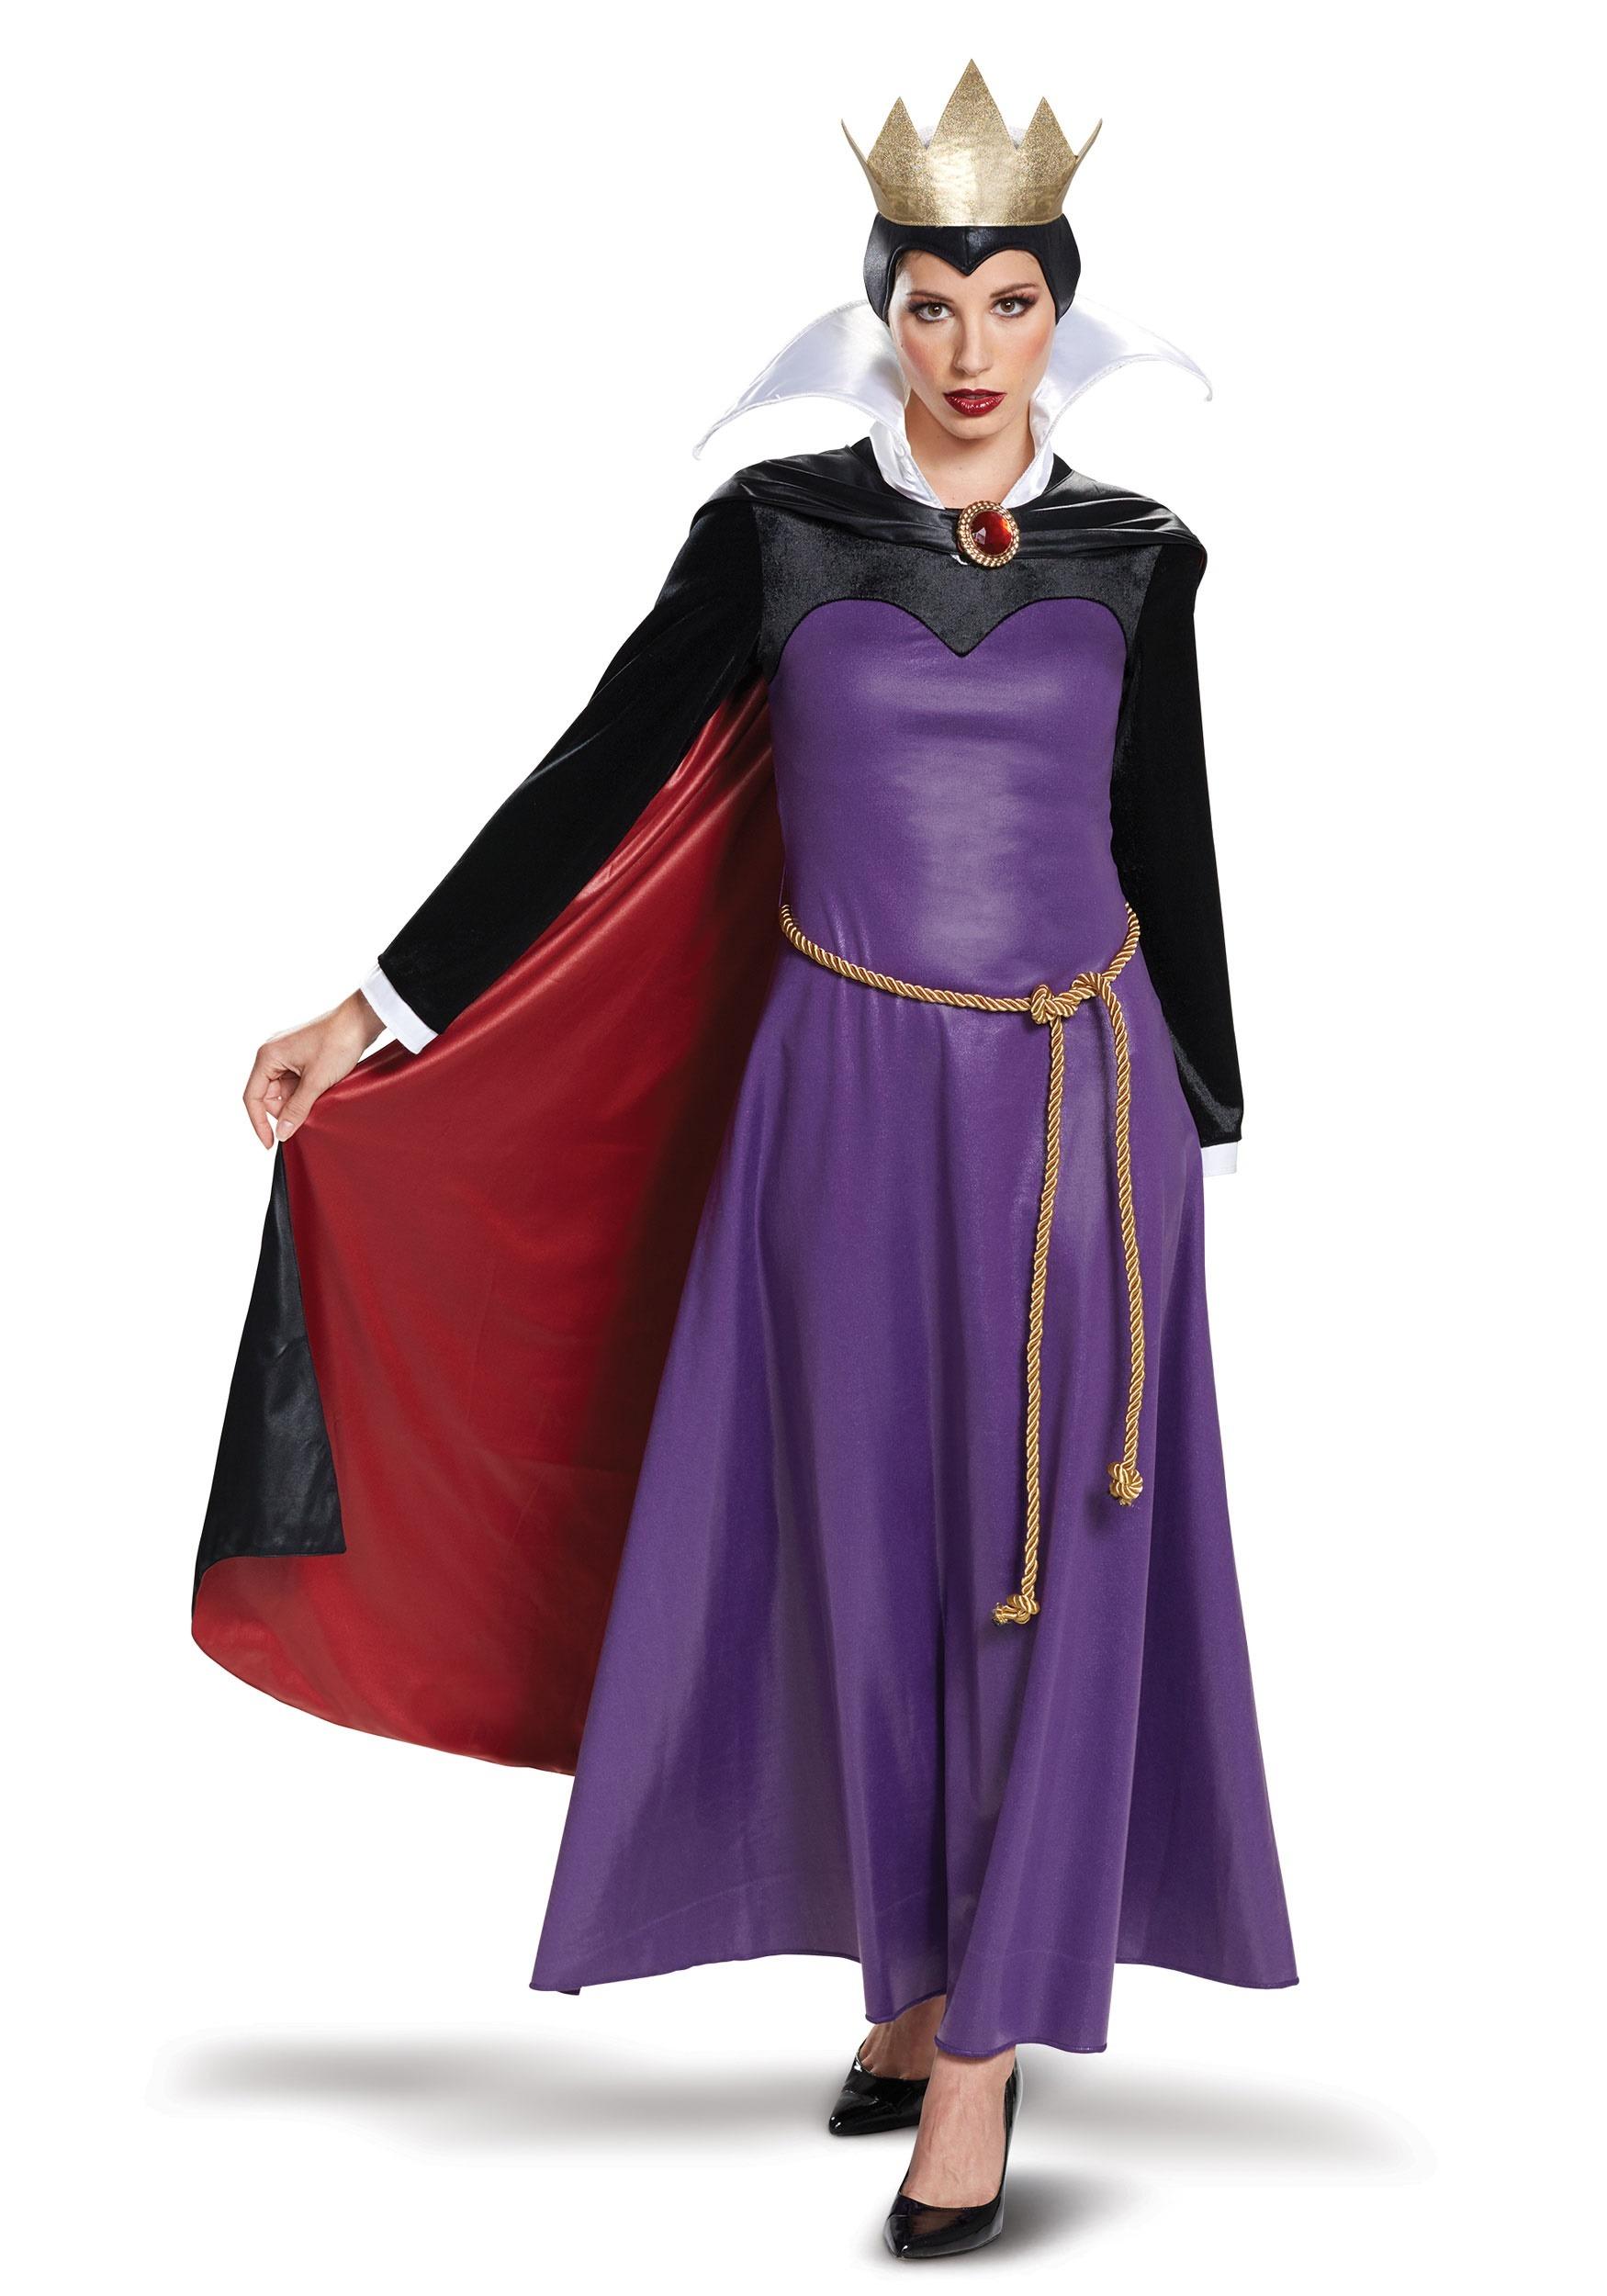 evil queen costume - HD1750×2500